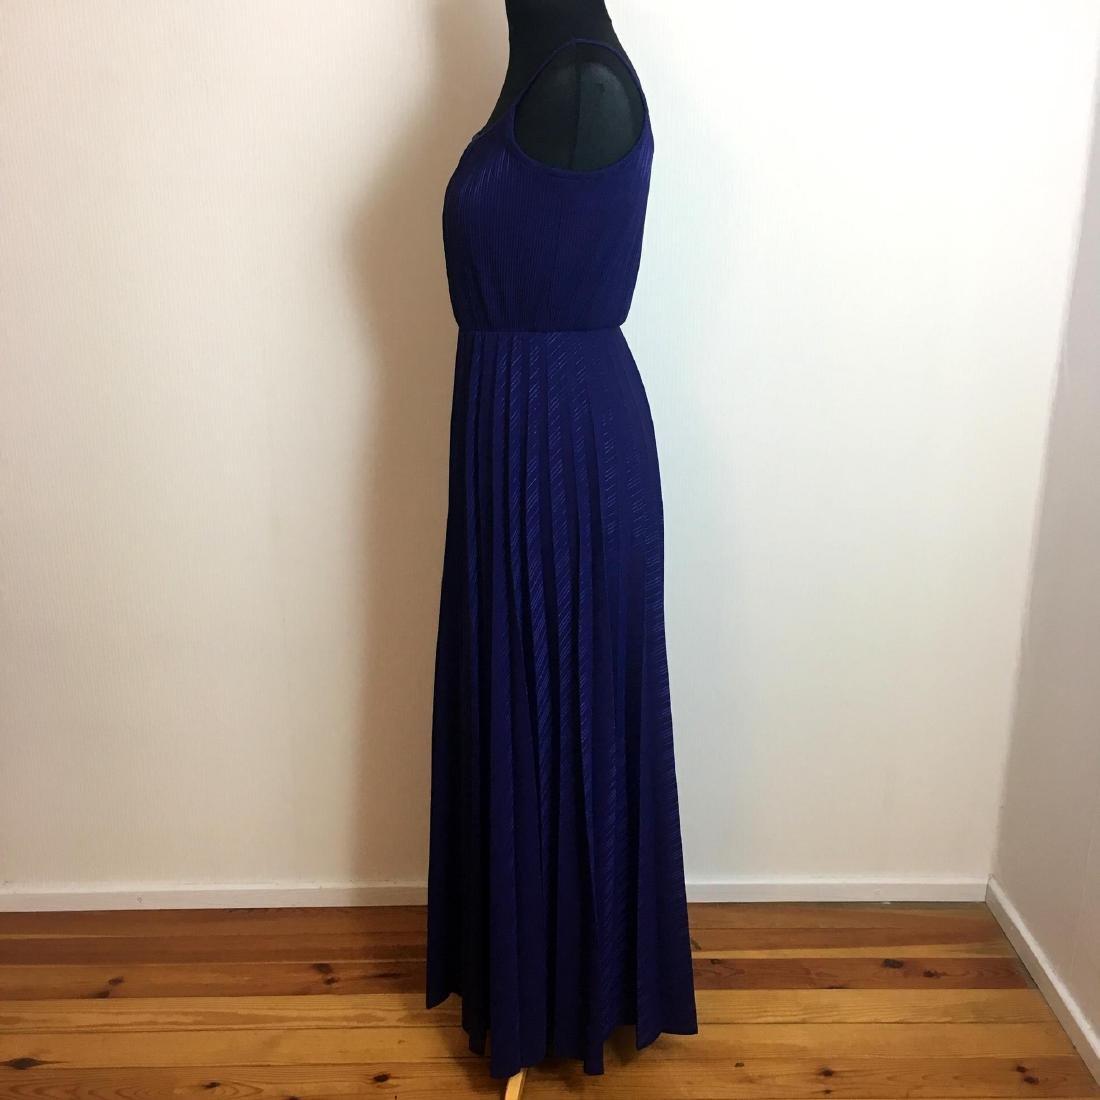 Vintage Women's Coctail Evening Maxi Dress - 4